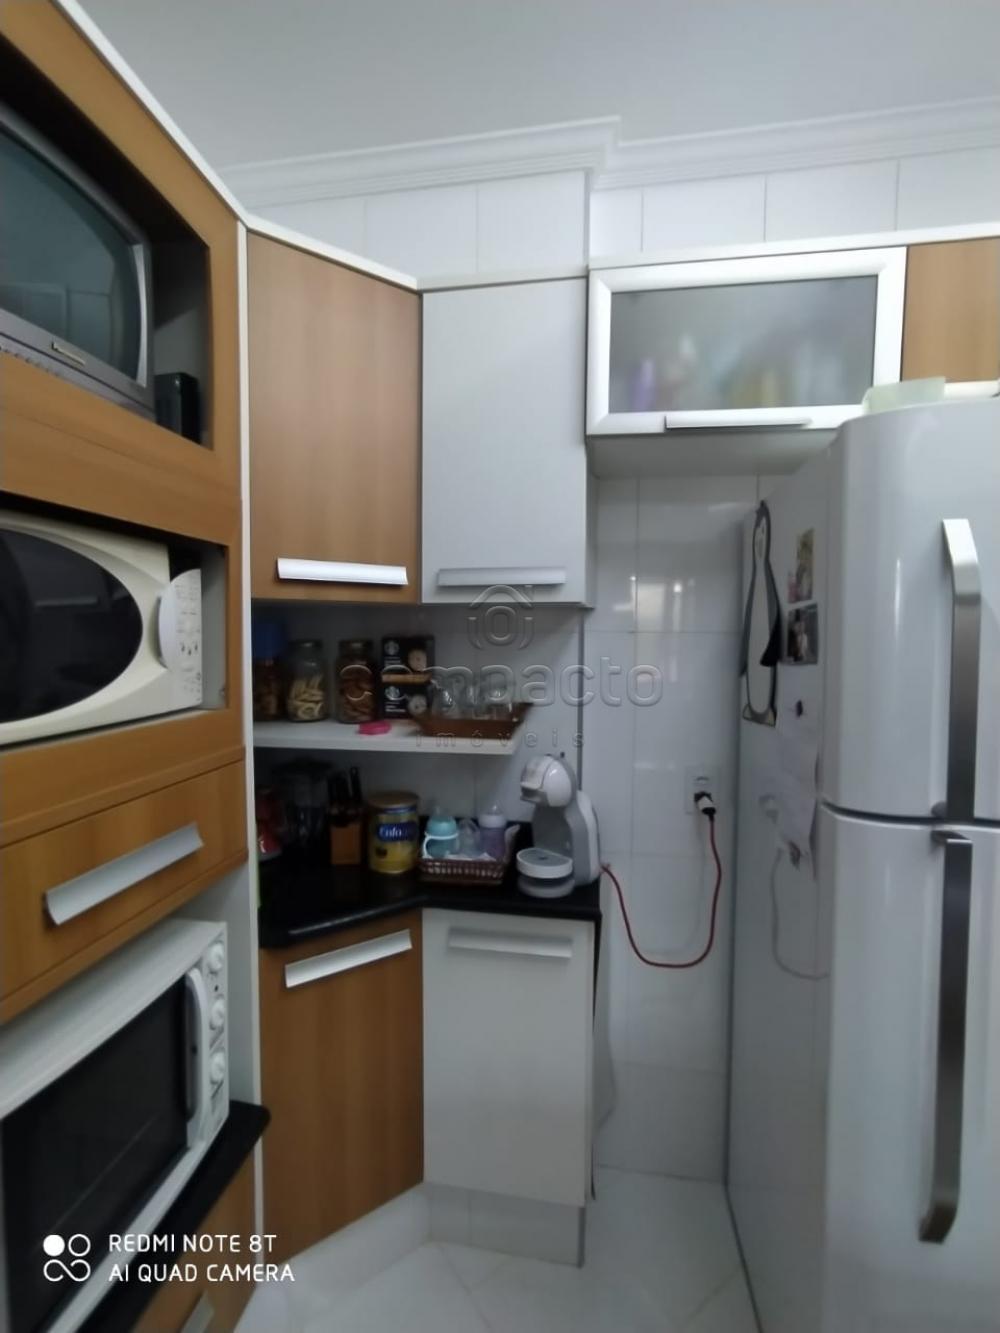 Comprar Apartamento / Padrão em São José do Rio Preto apenas R$ 615.000,00 - Foto 17